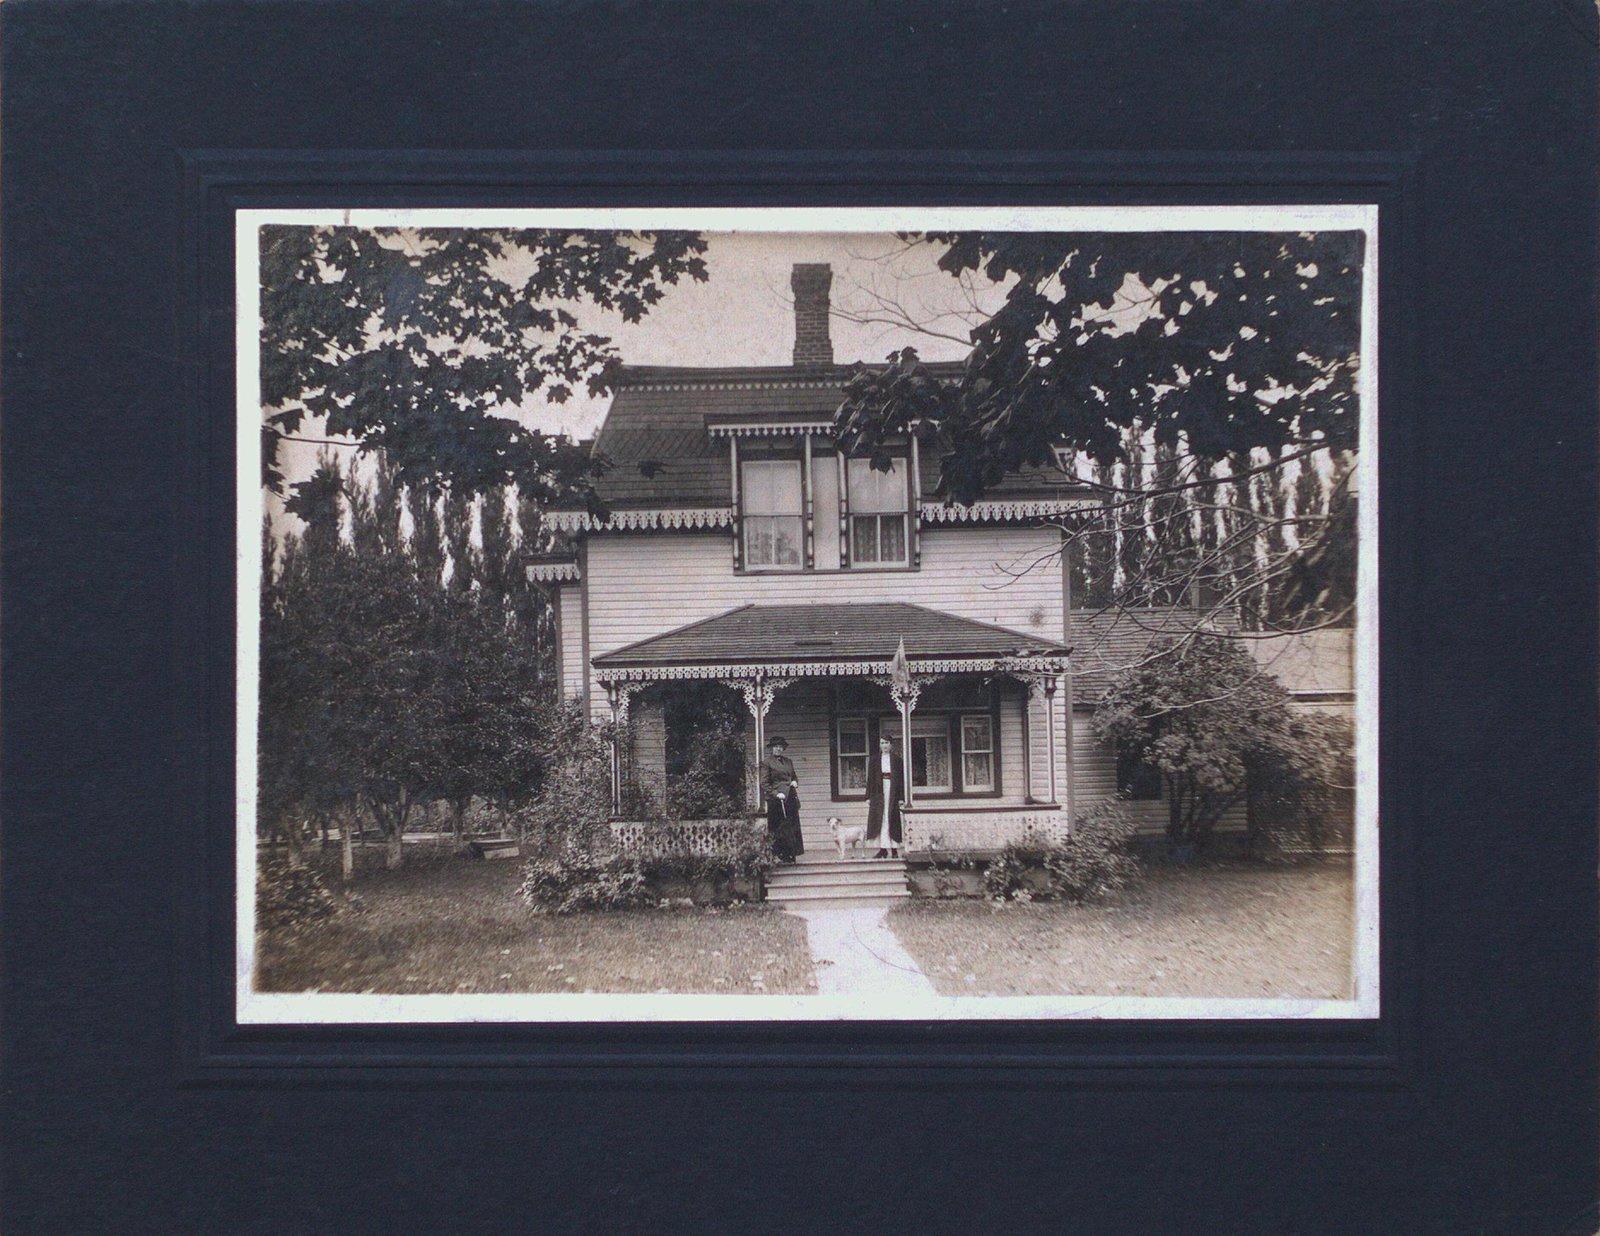 Walter's House, Grimsby Beach